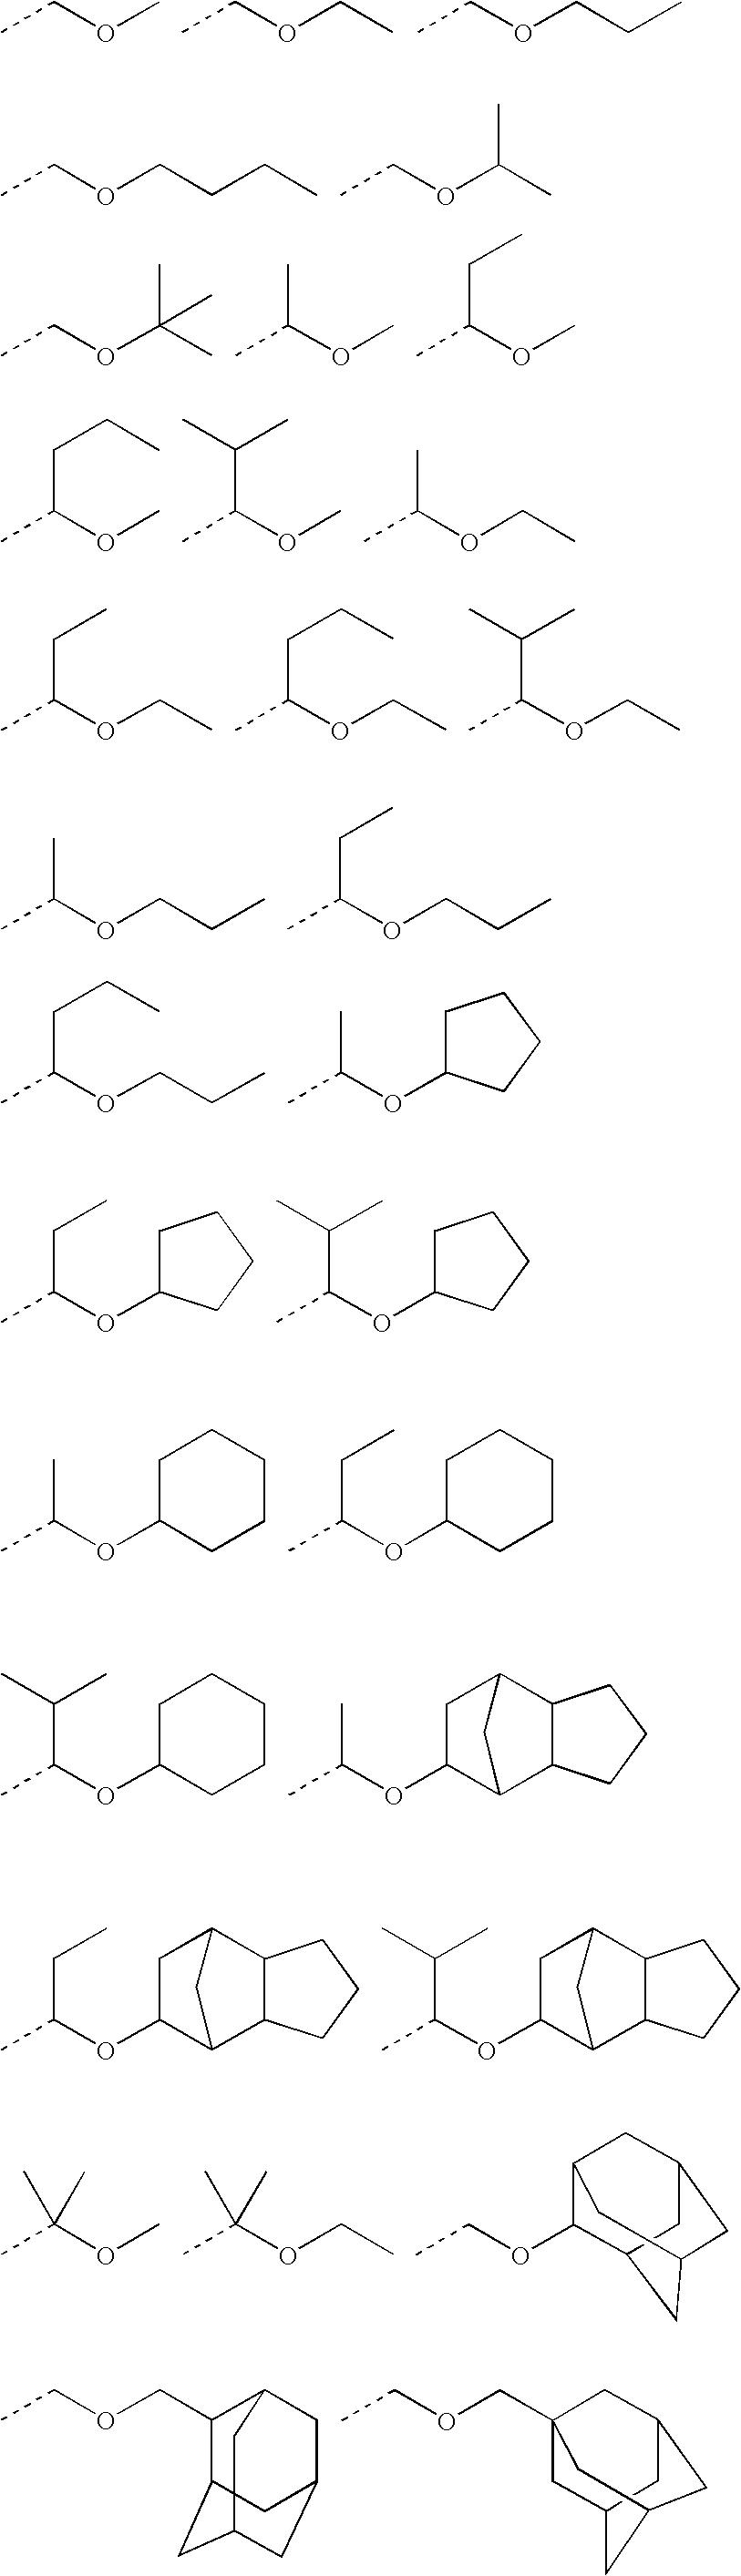 Figure US20090280434A1-20091112-C00008